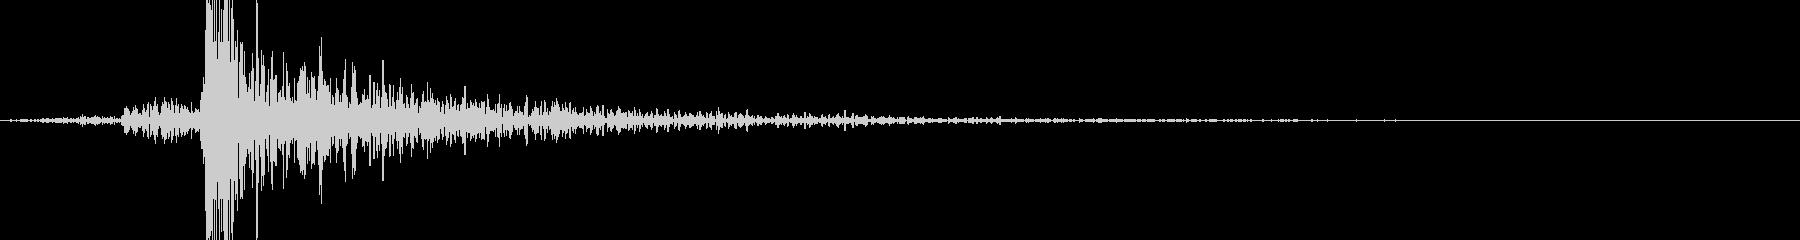 鍵を開ける音の未再生の波形